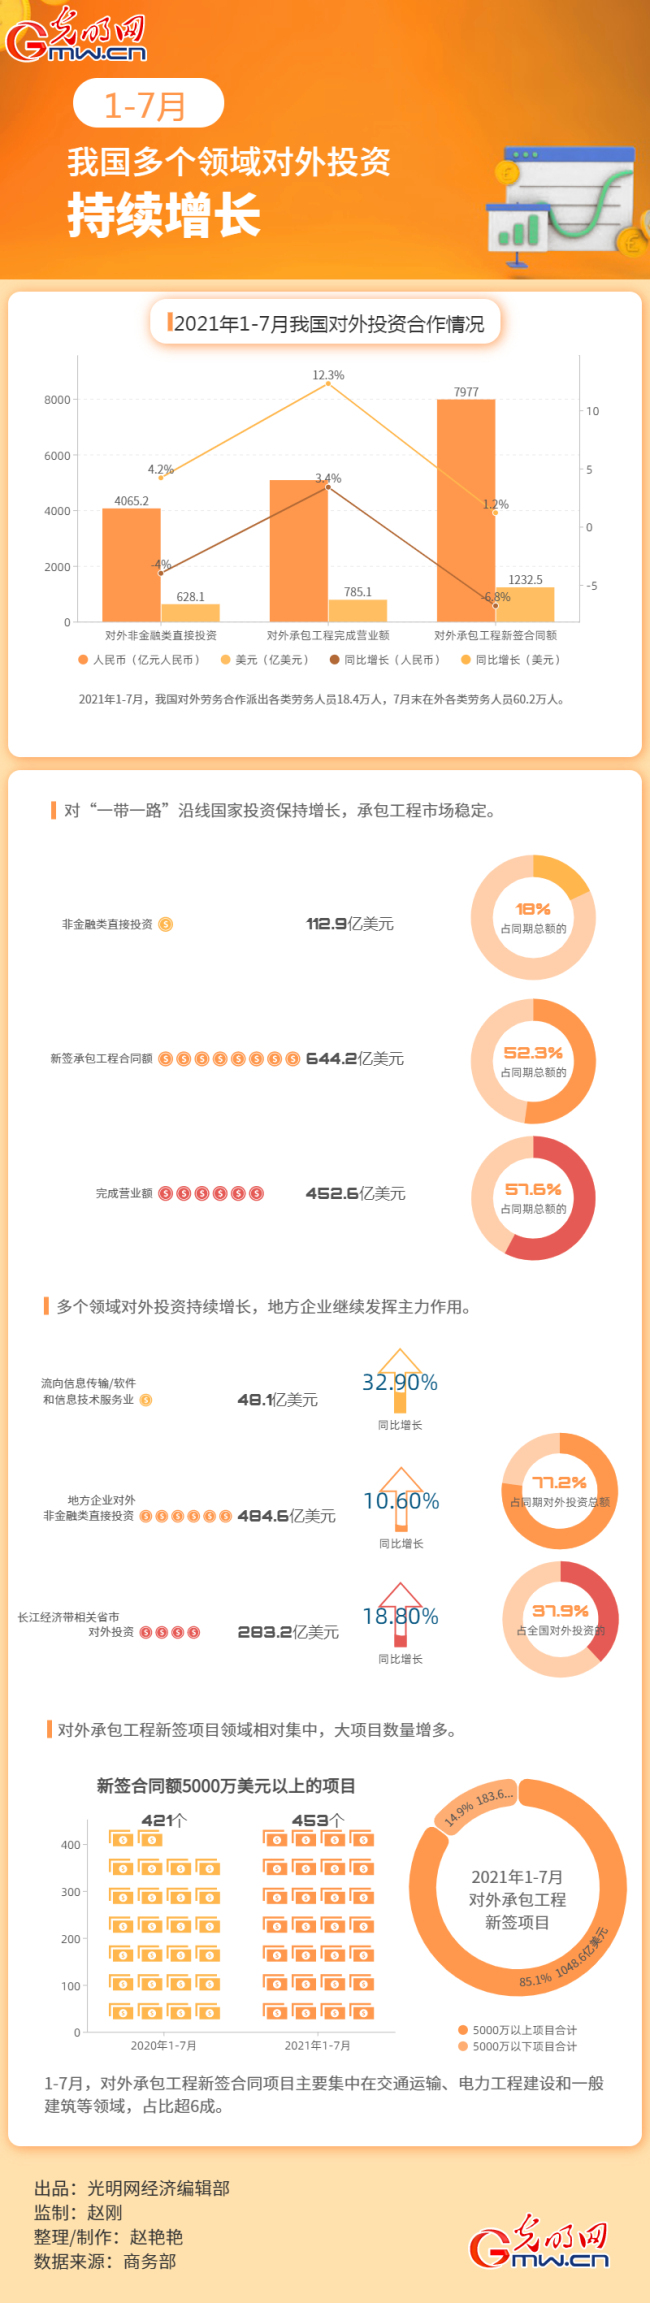 数据图解丨1-7月 我国多个领域对外投资持续增长